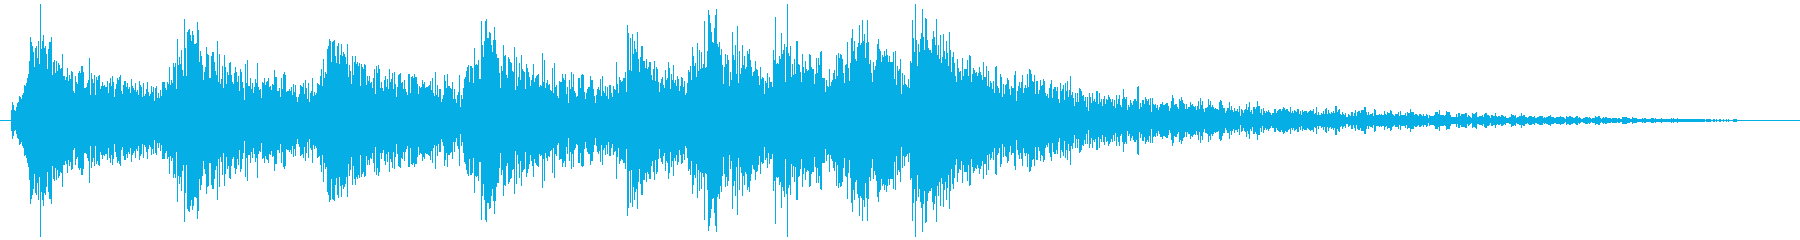 シンプルなコミカルジングルの再生済みの波形